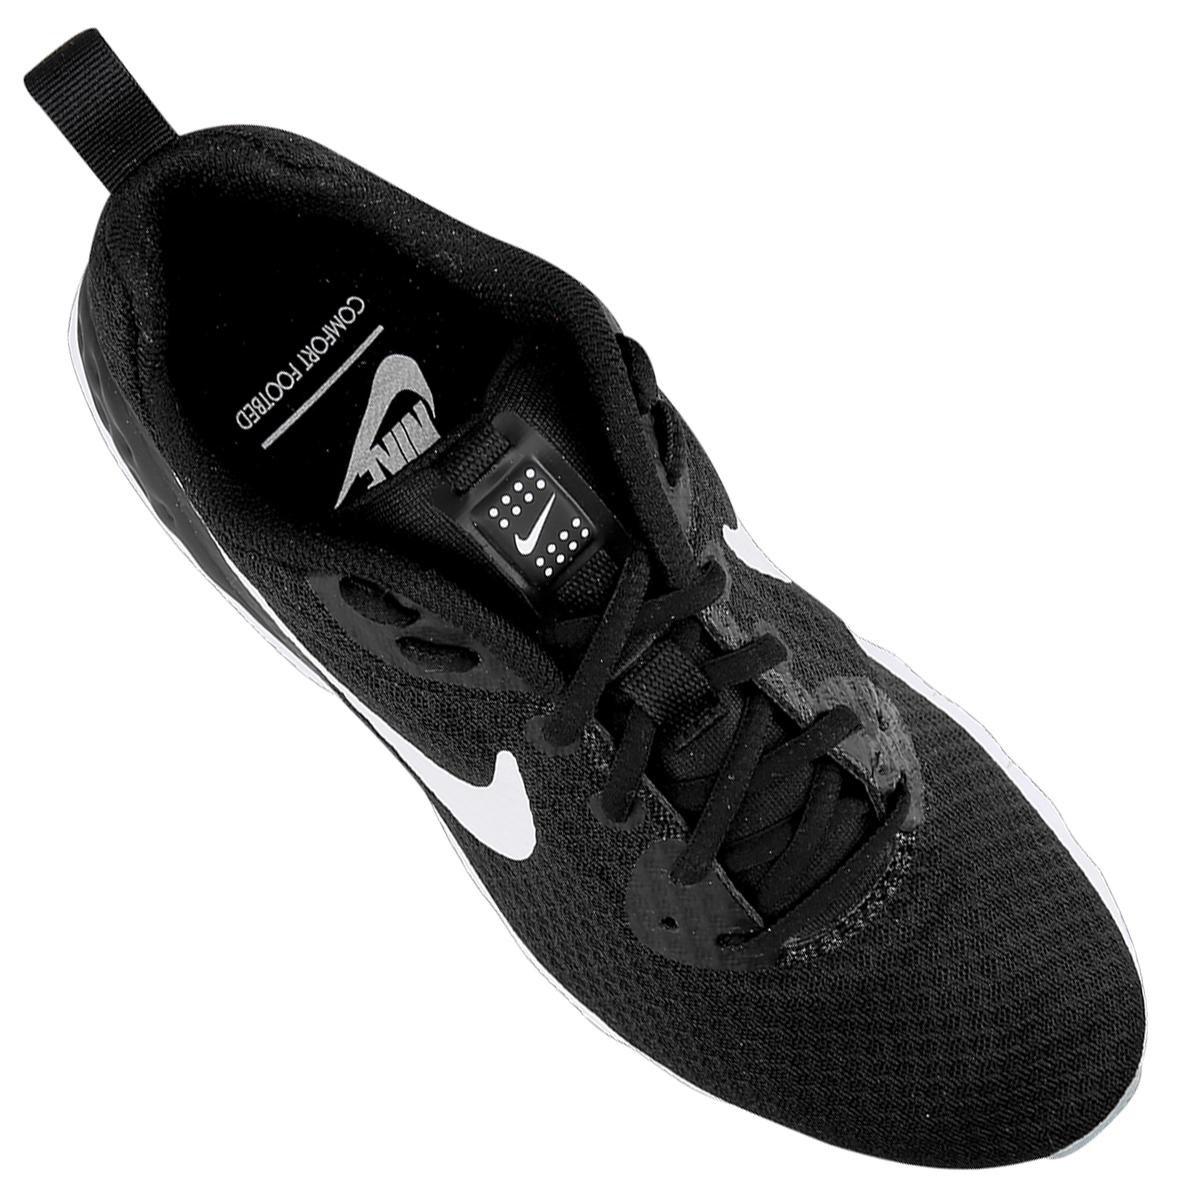 Tênis Nike Air Max Motion Lw Masculino - Compre Agora  864a758937f7d